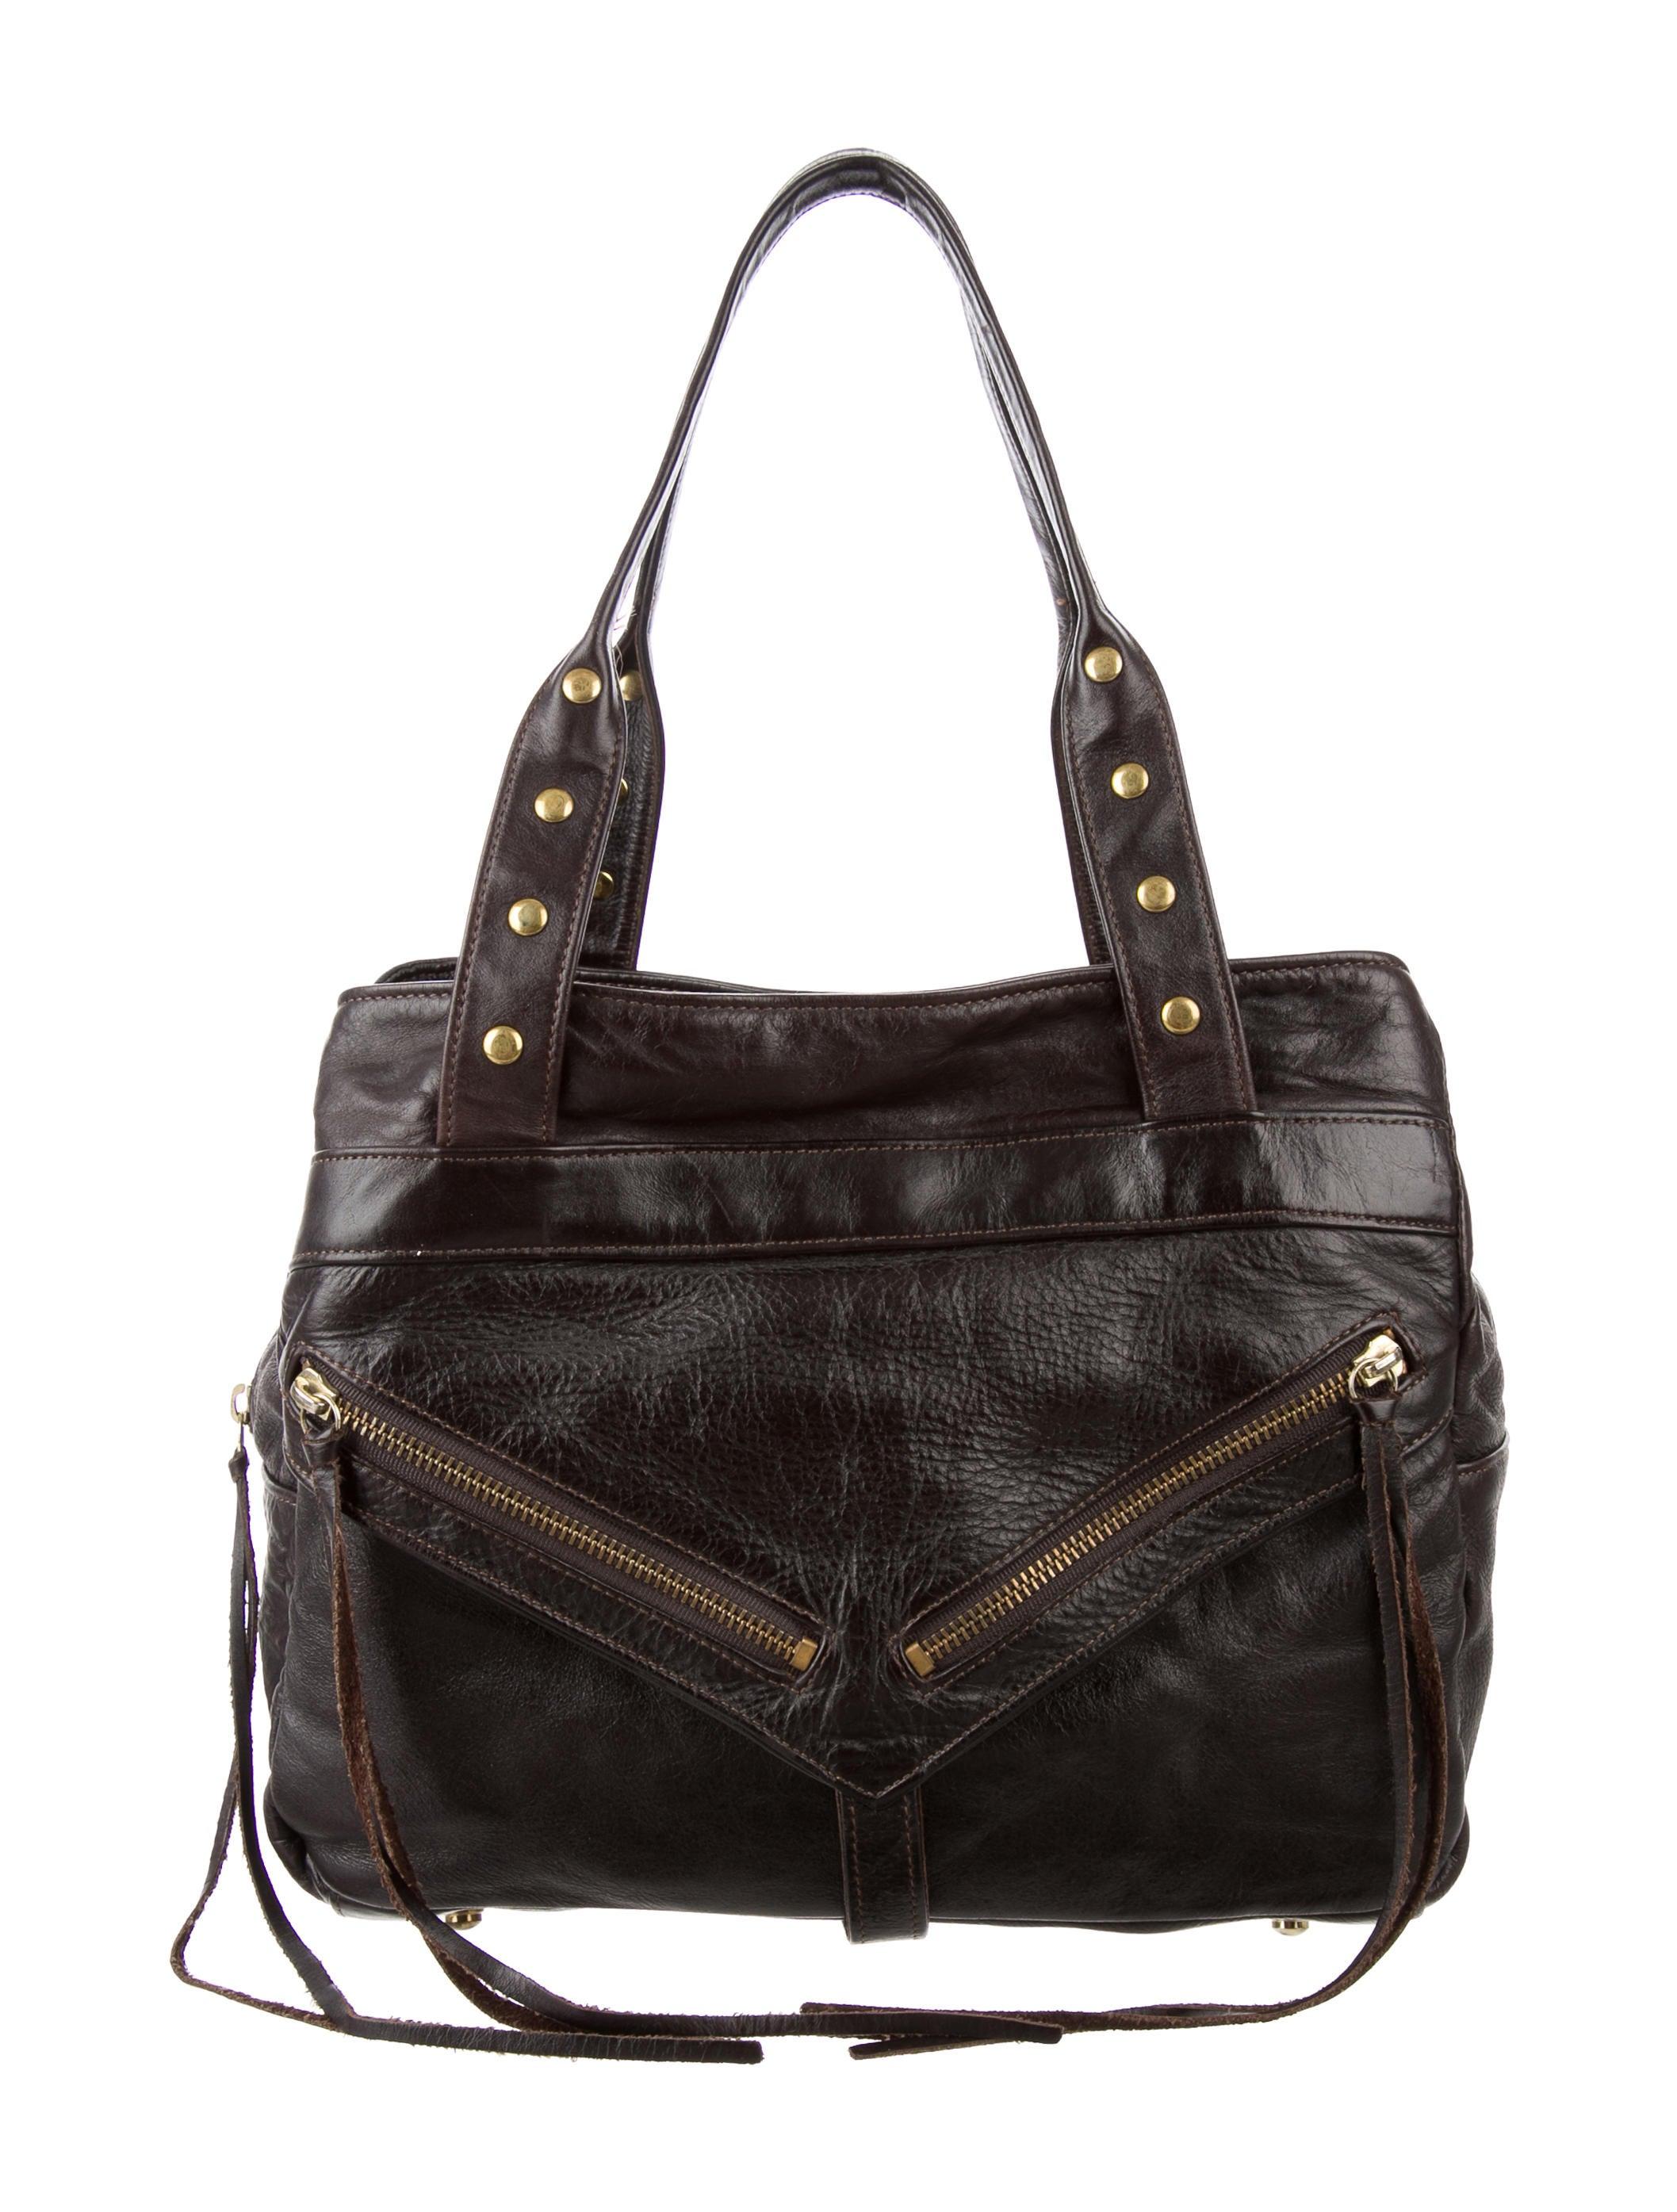 Botkier Leather Shoulder Bag - Handbags